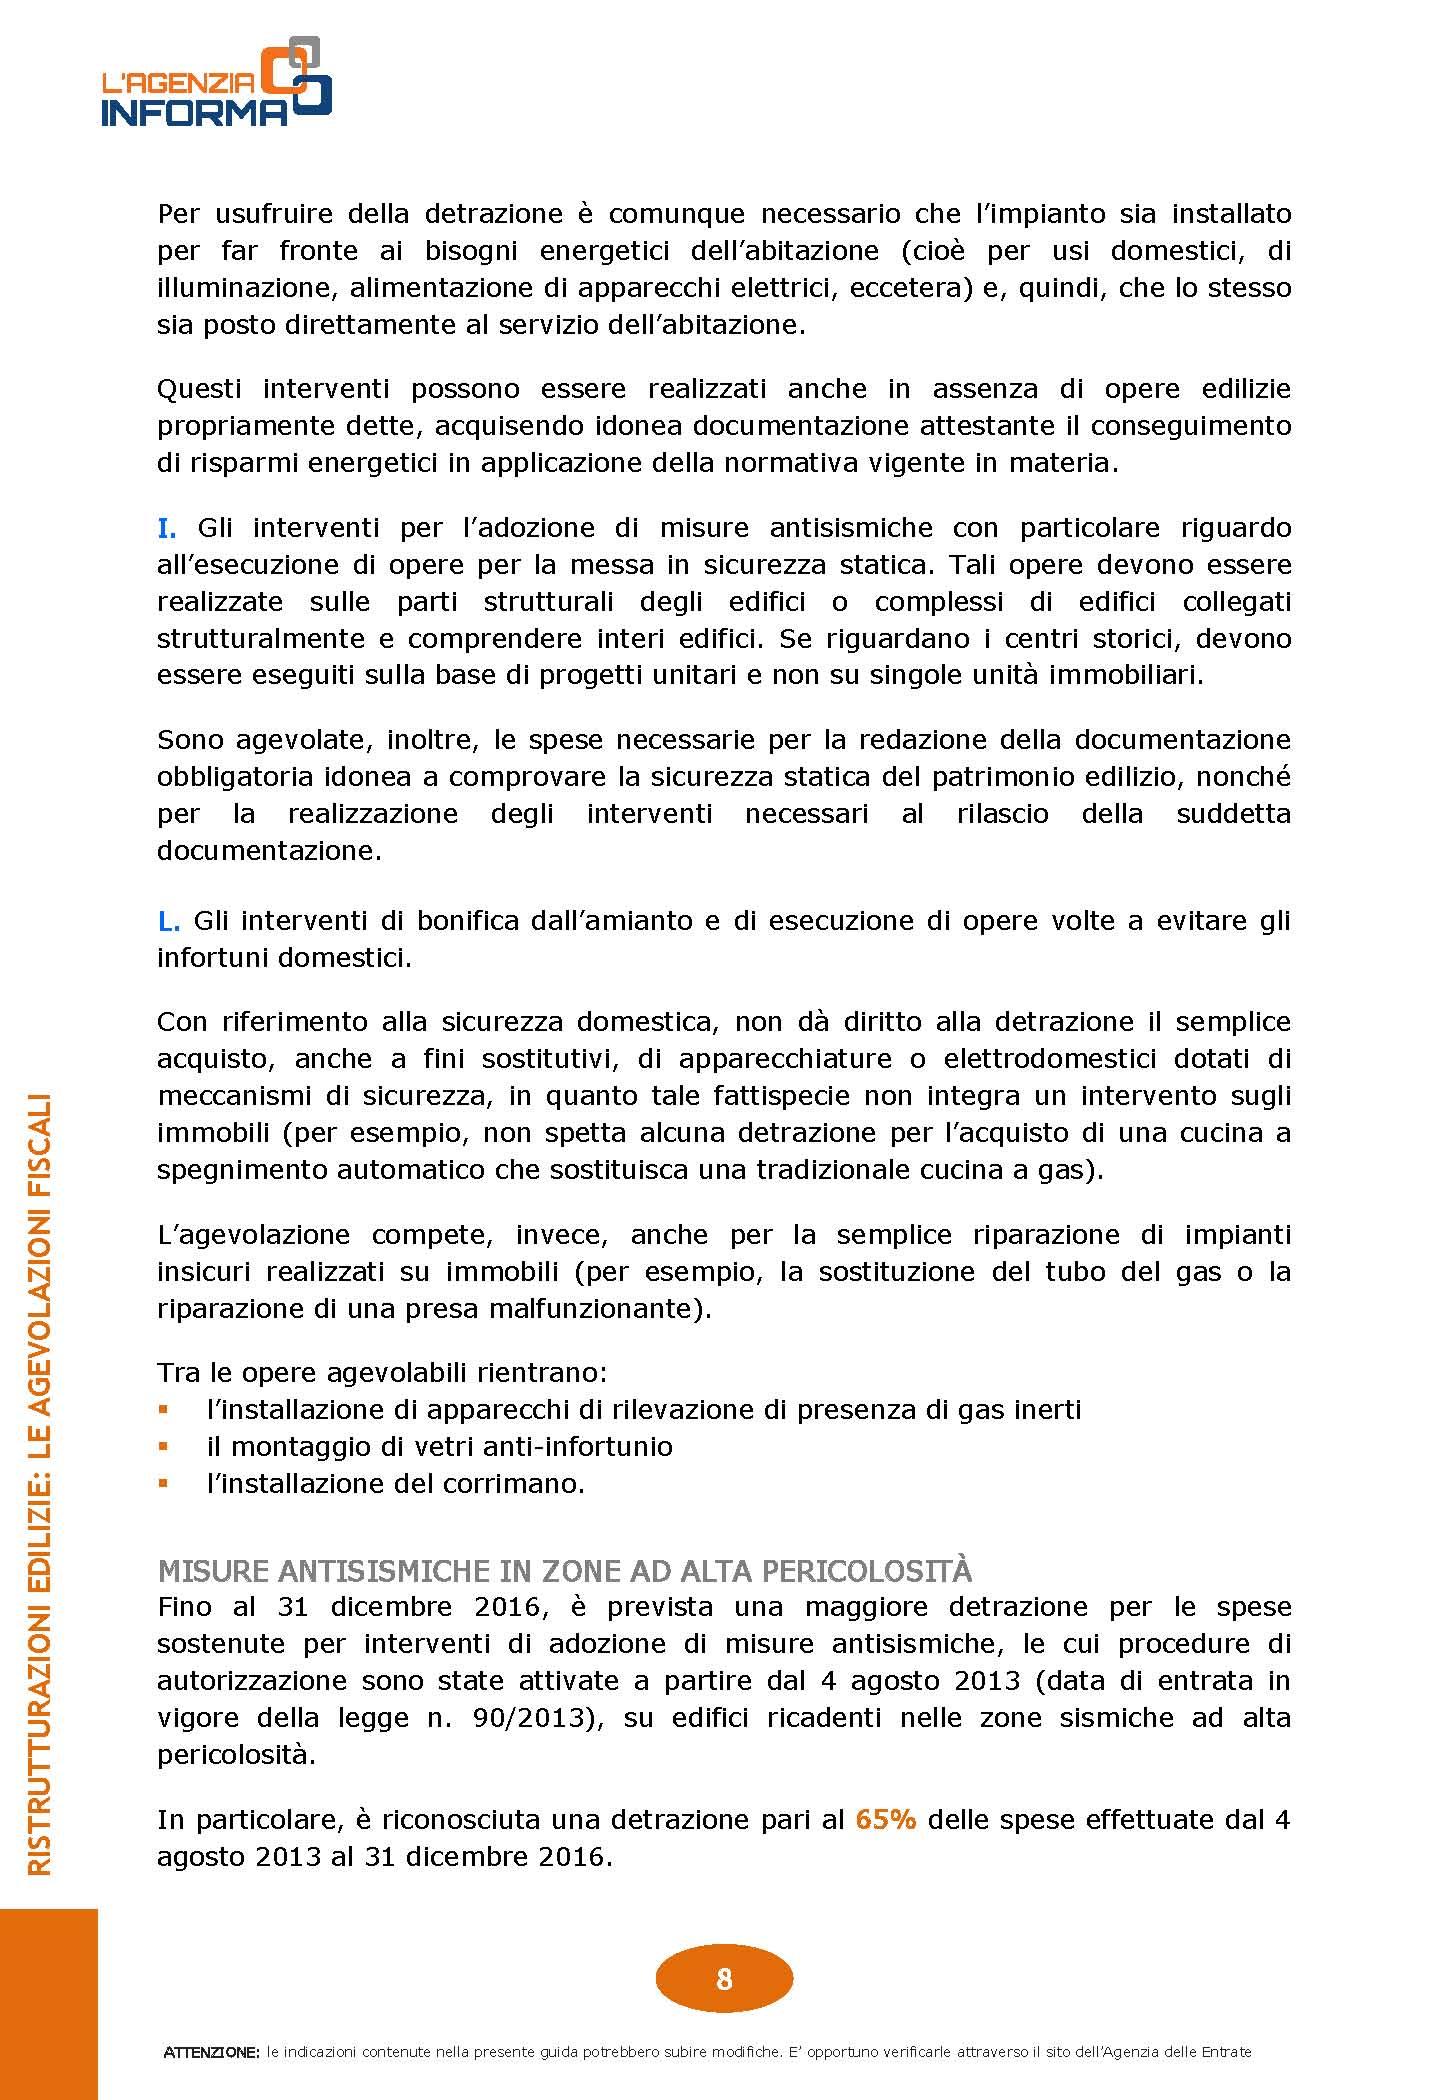 guida_ristrutturazioni_edilizie_marzo2016-9